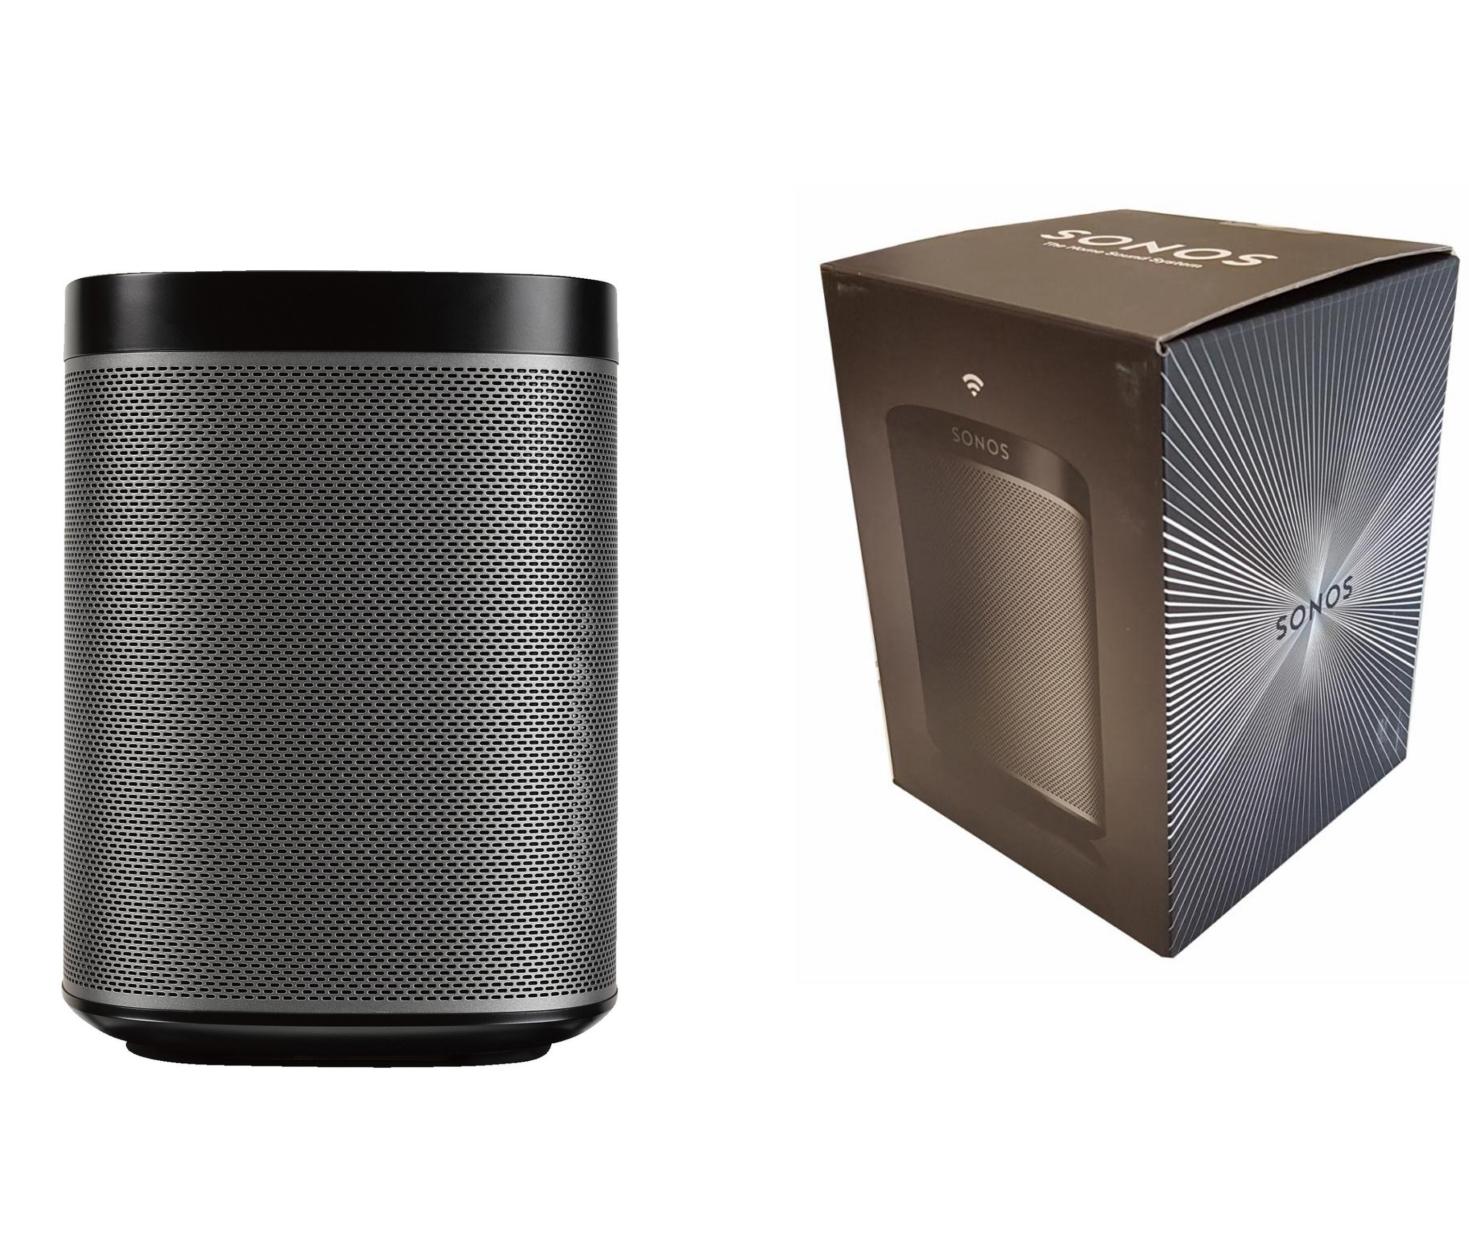 """[@Dealclub] Sonos PLAY:1 WLAN-Speaker für Musikstreaming in schwarz """"Neuware in offener Originalverpackung"""" für 154,99€ inkl. Versand [+shoop]"""